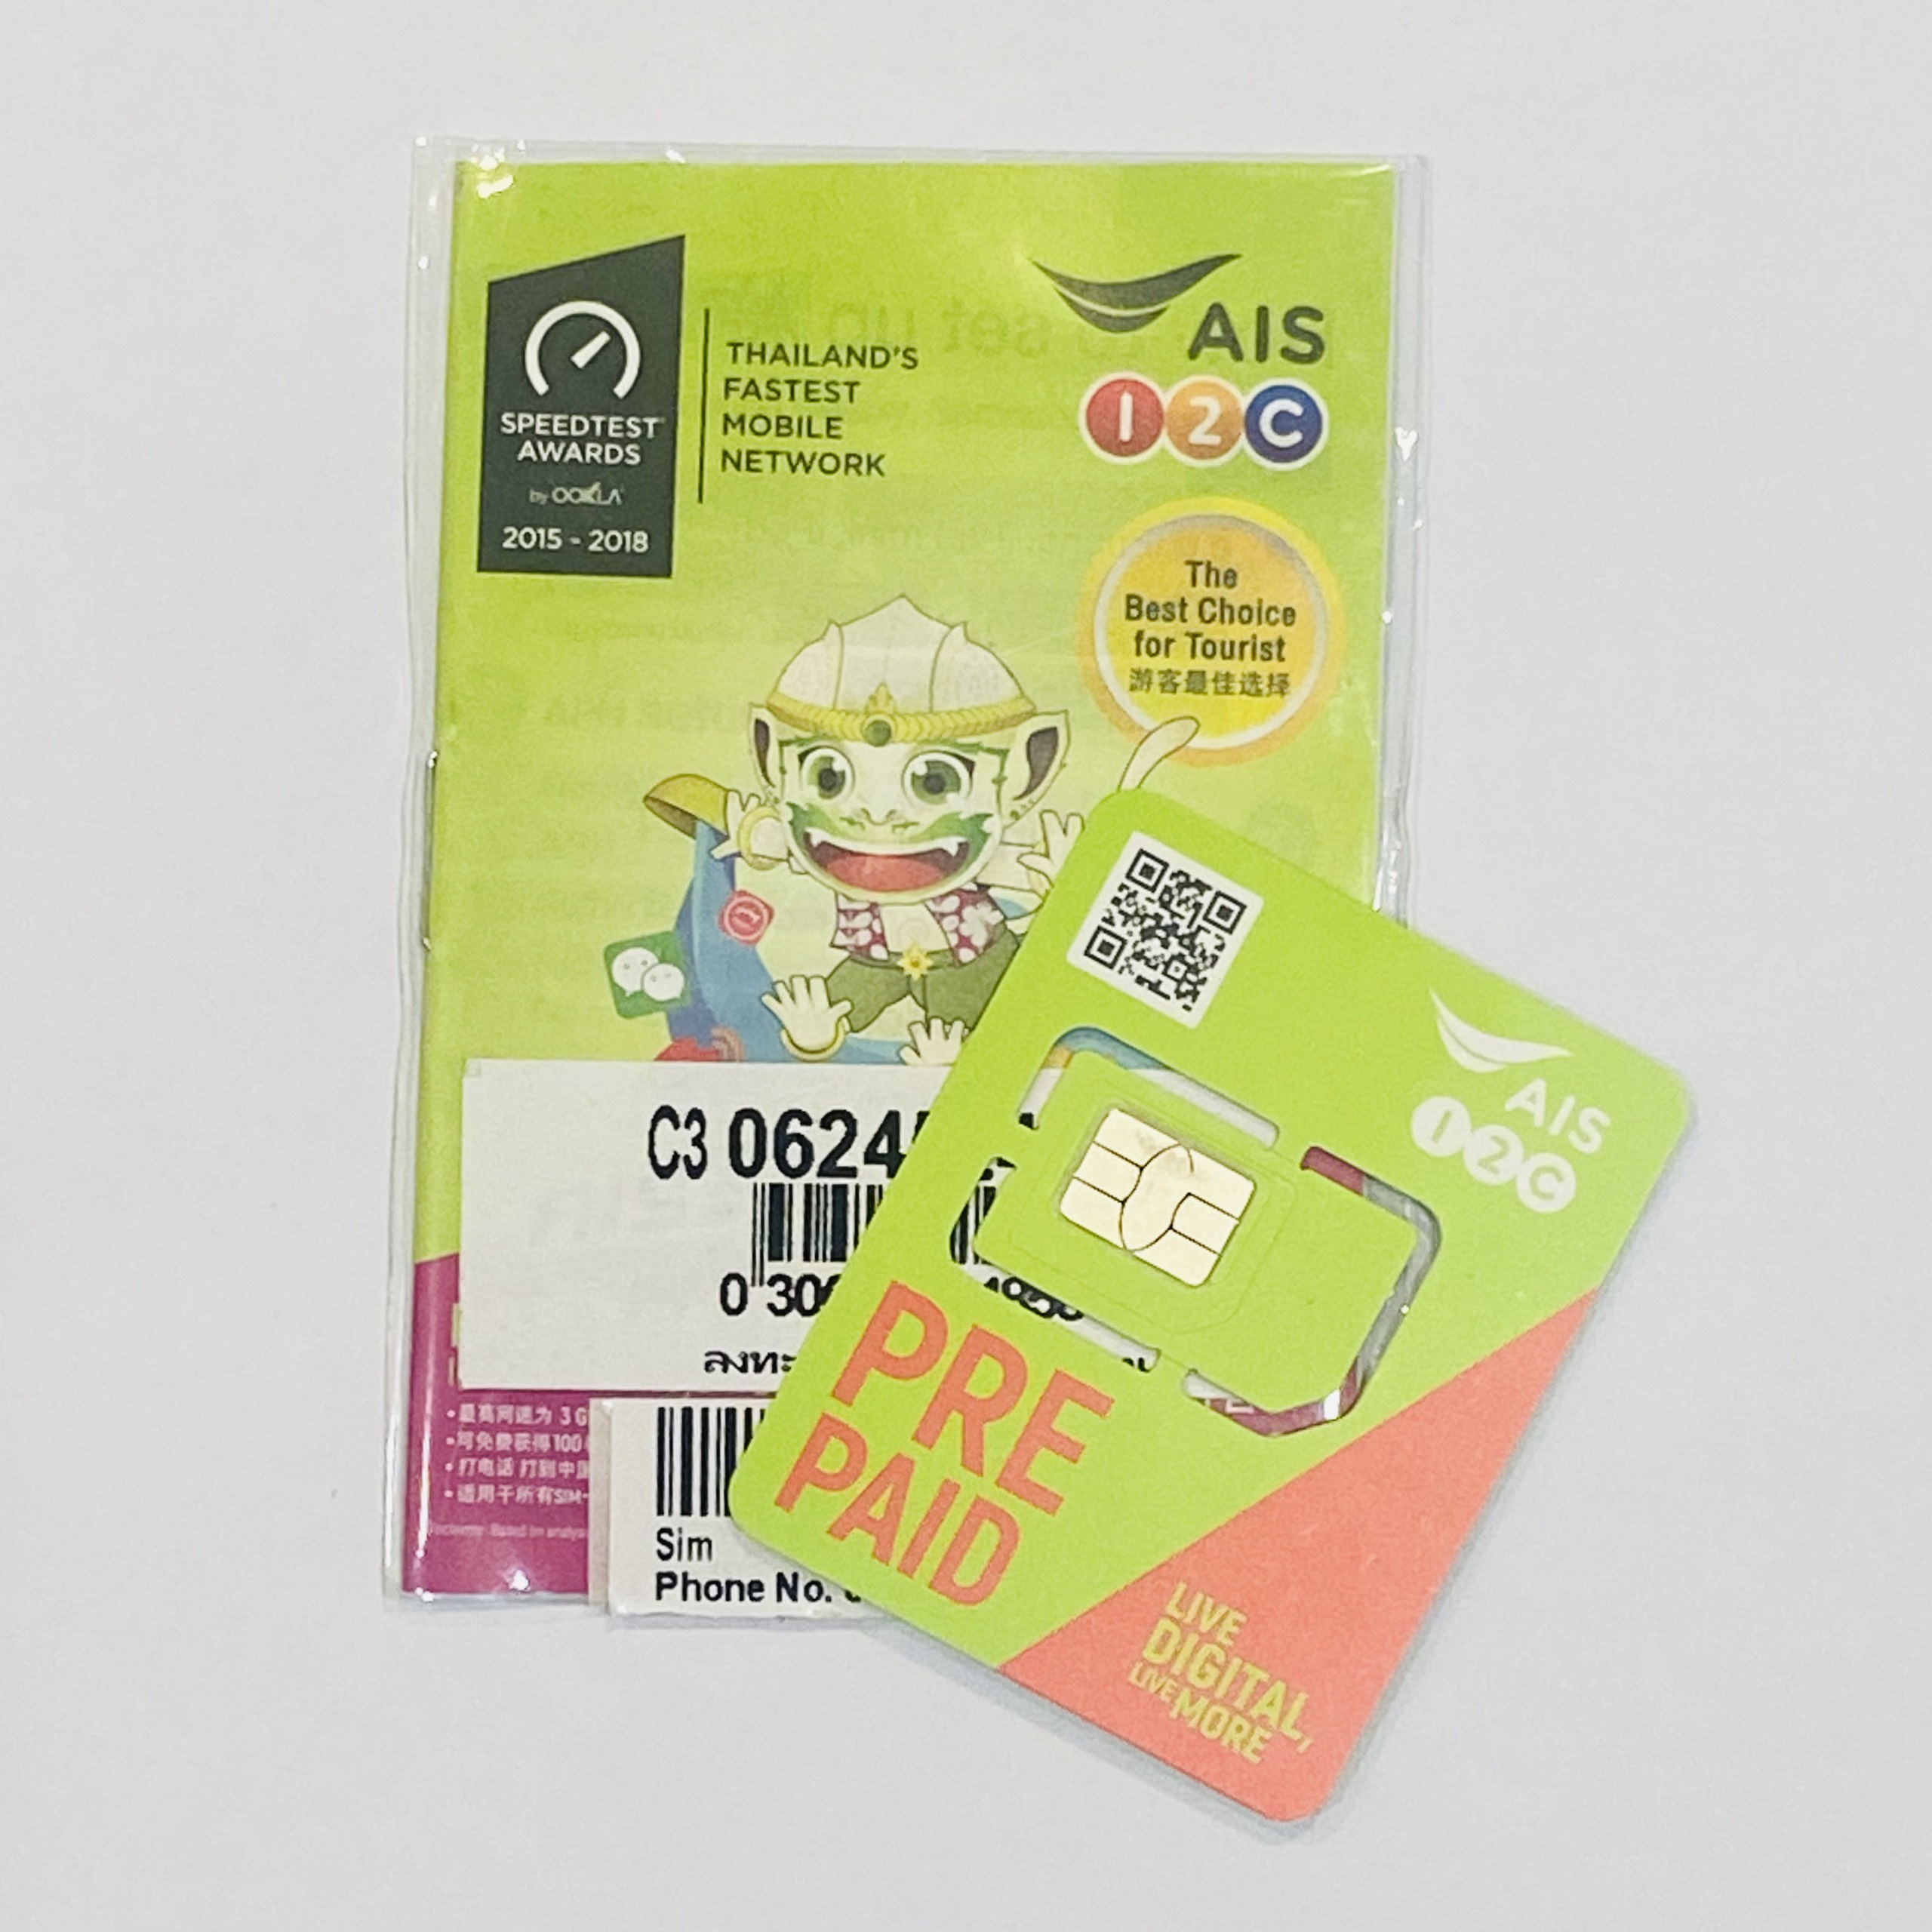 Sim 4G du lịch Thái Lan 8 Ngày, 15GB data tốc độ cao, Không giới hạn data tốc độ thường, Có thoại